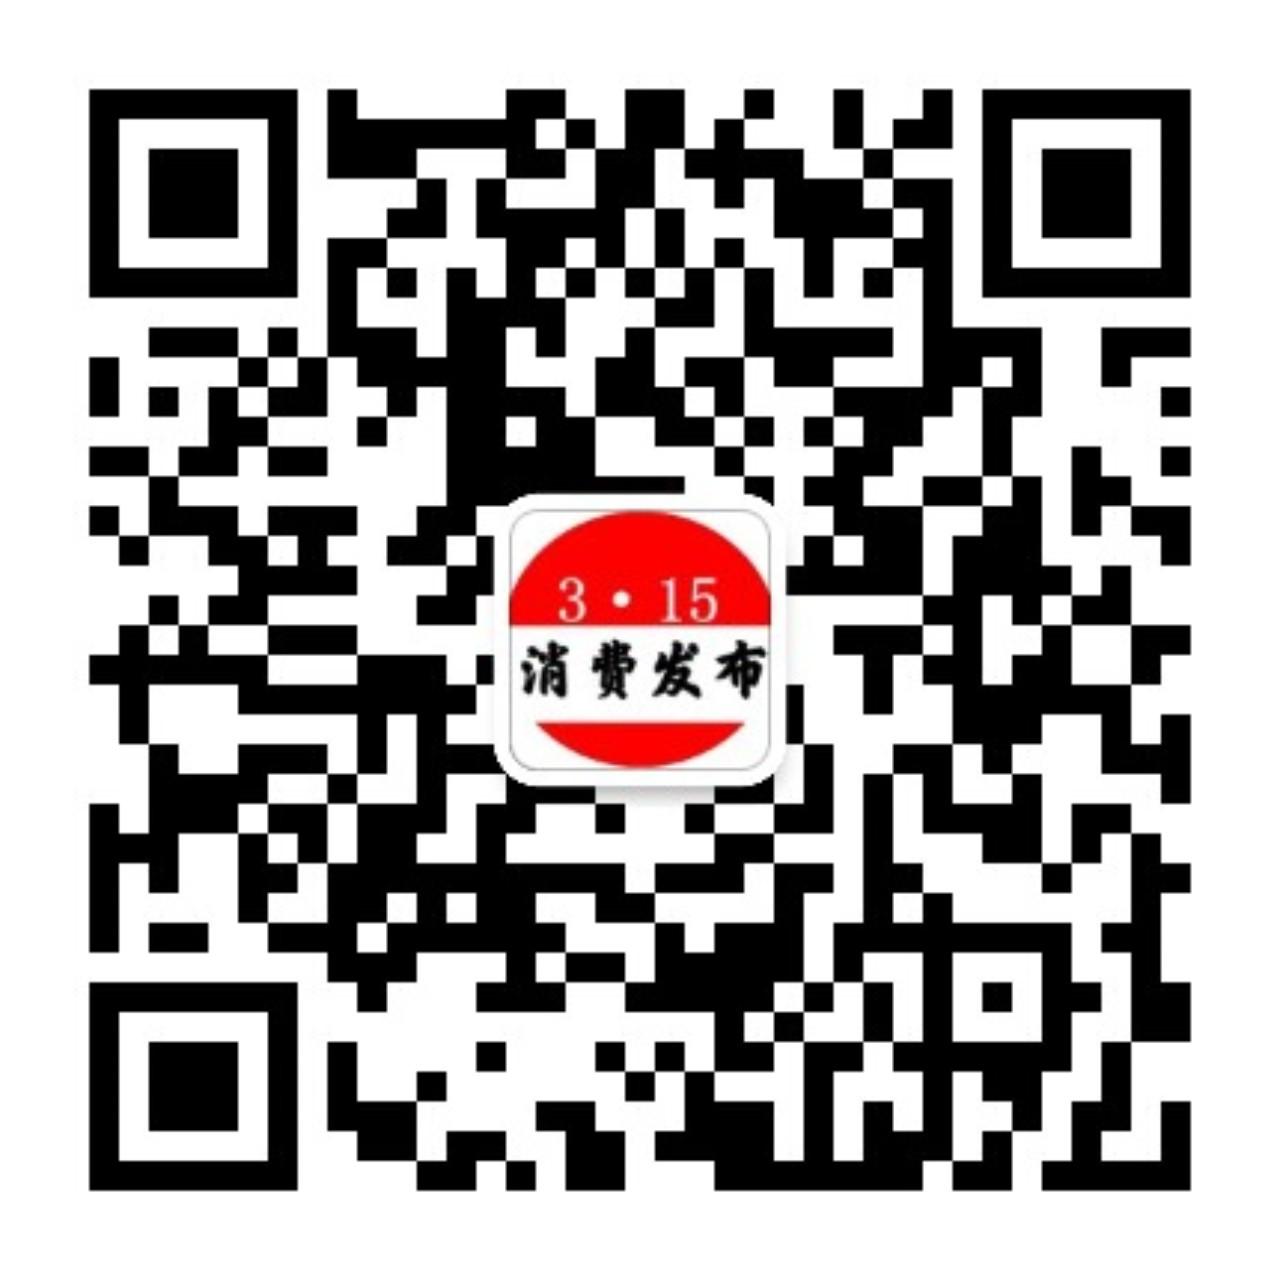 3.15消费发布二维码